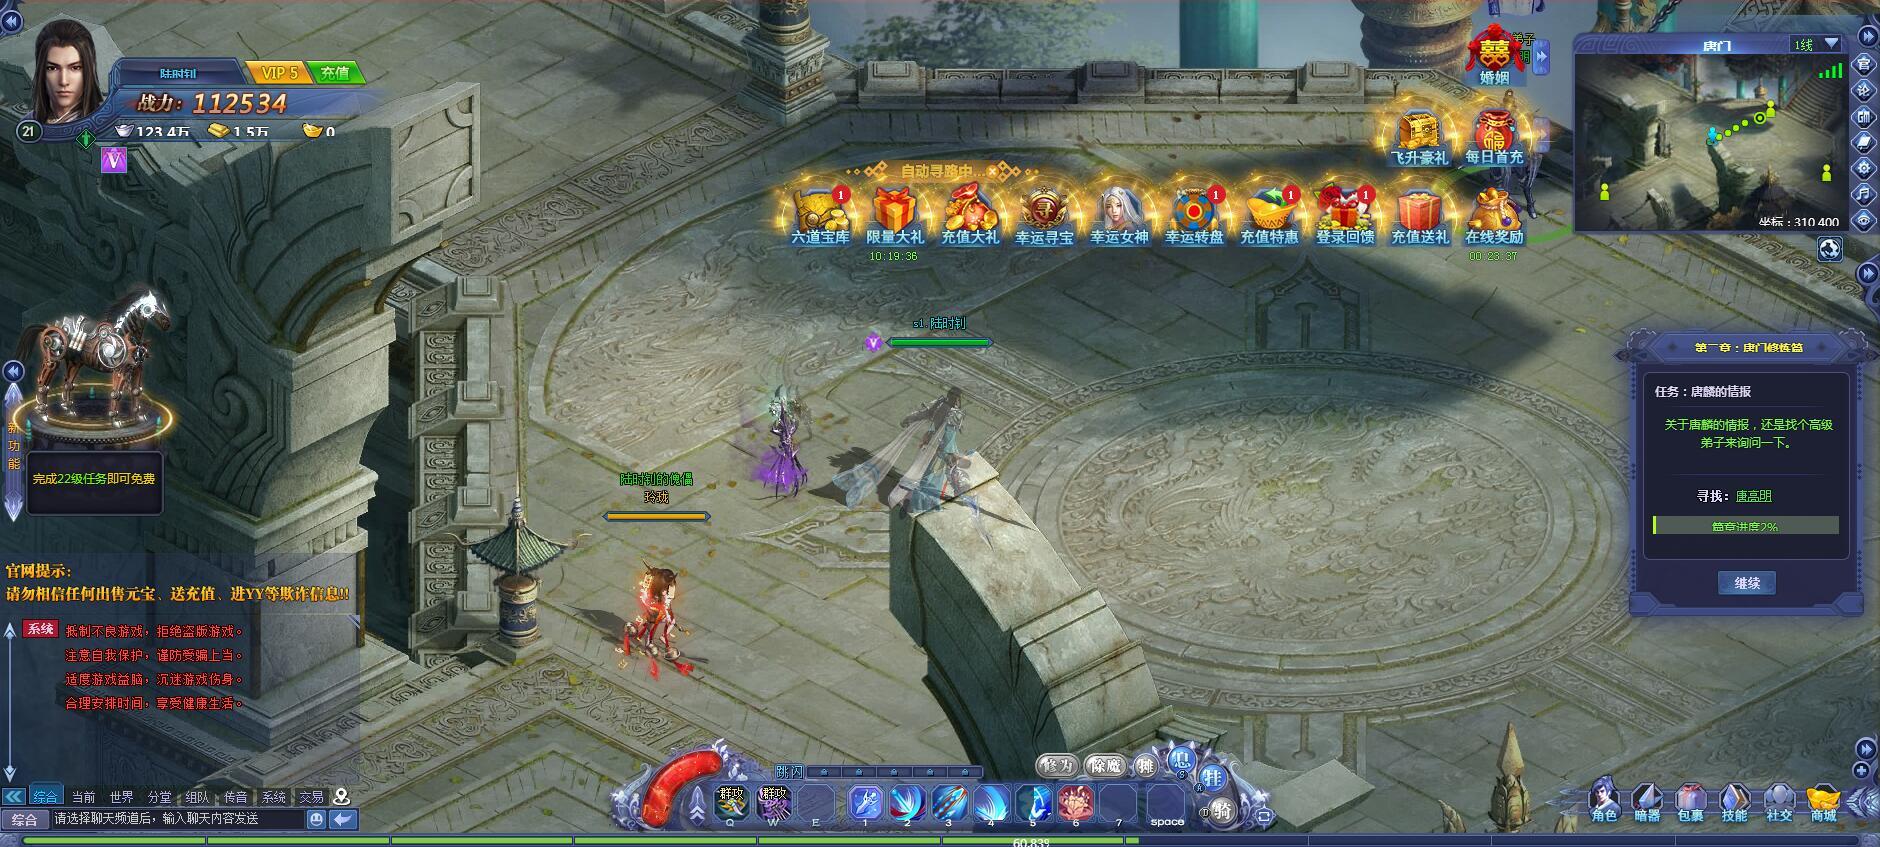 《仙镜传说》游戏截图